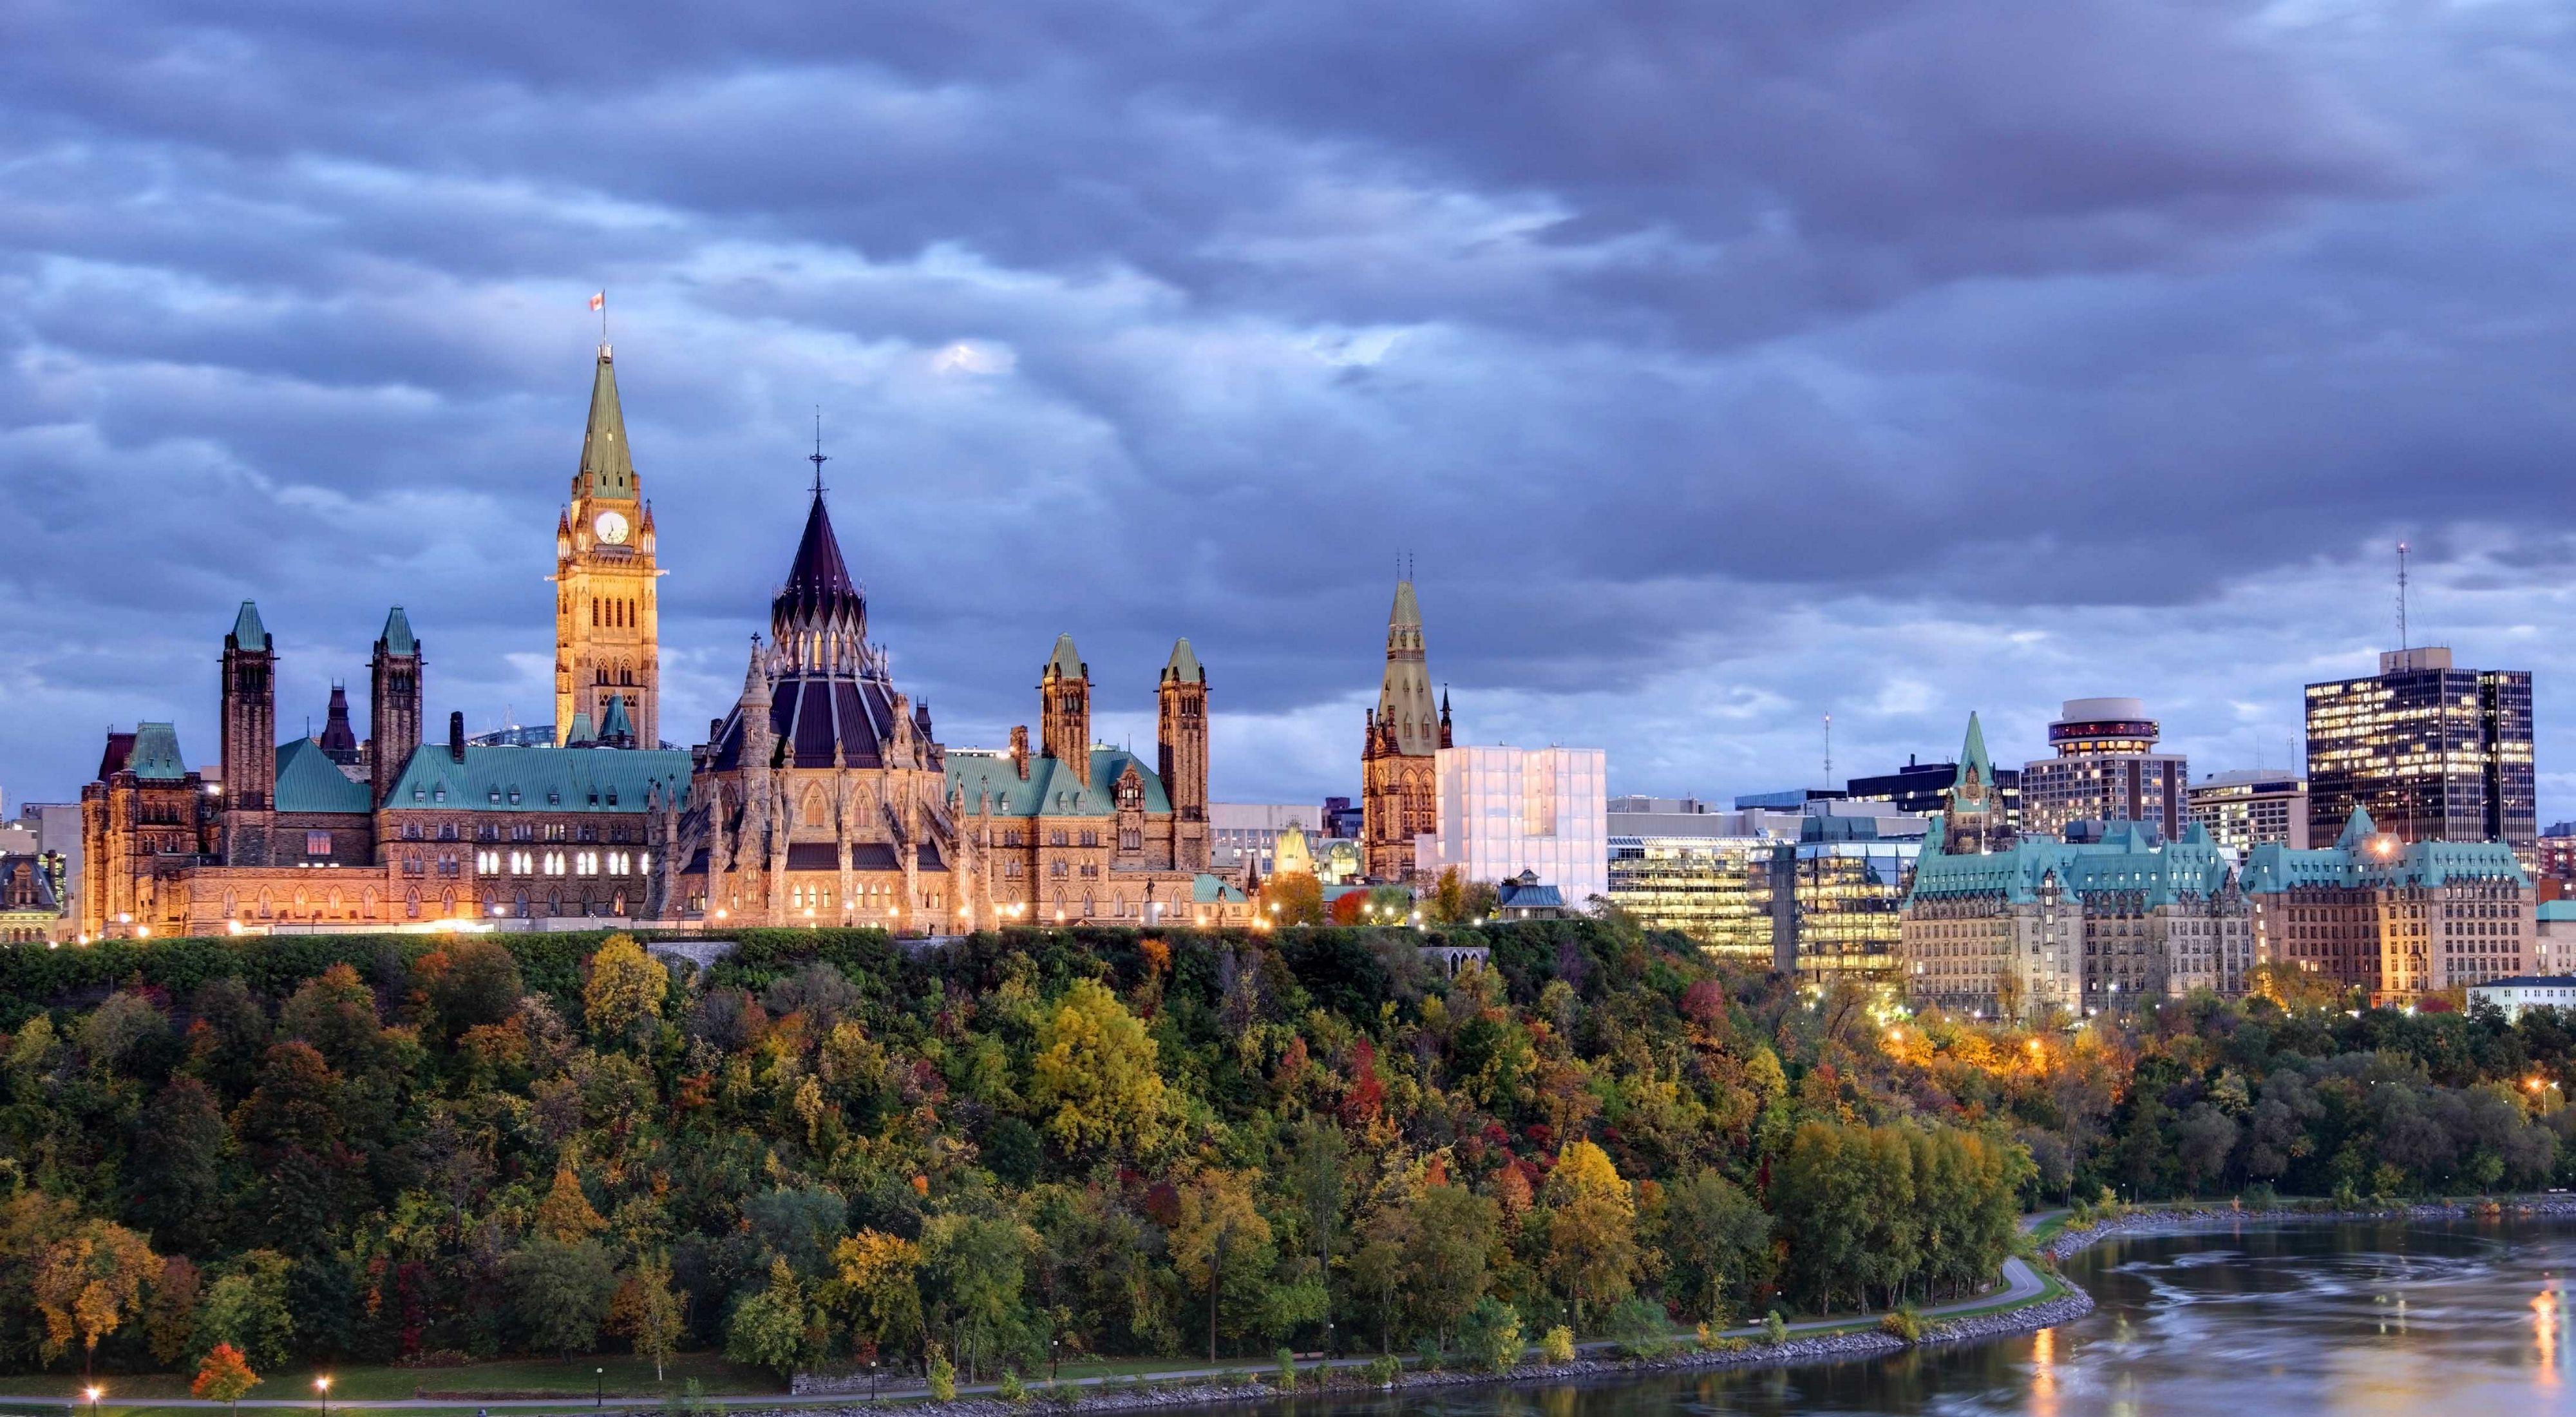 加拿大议会在渥太华的一条河对面